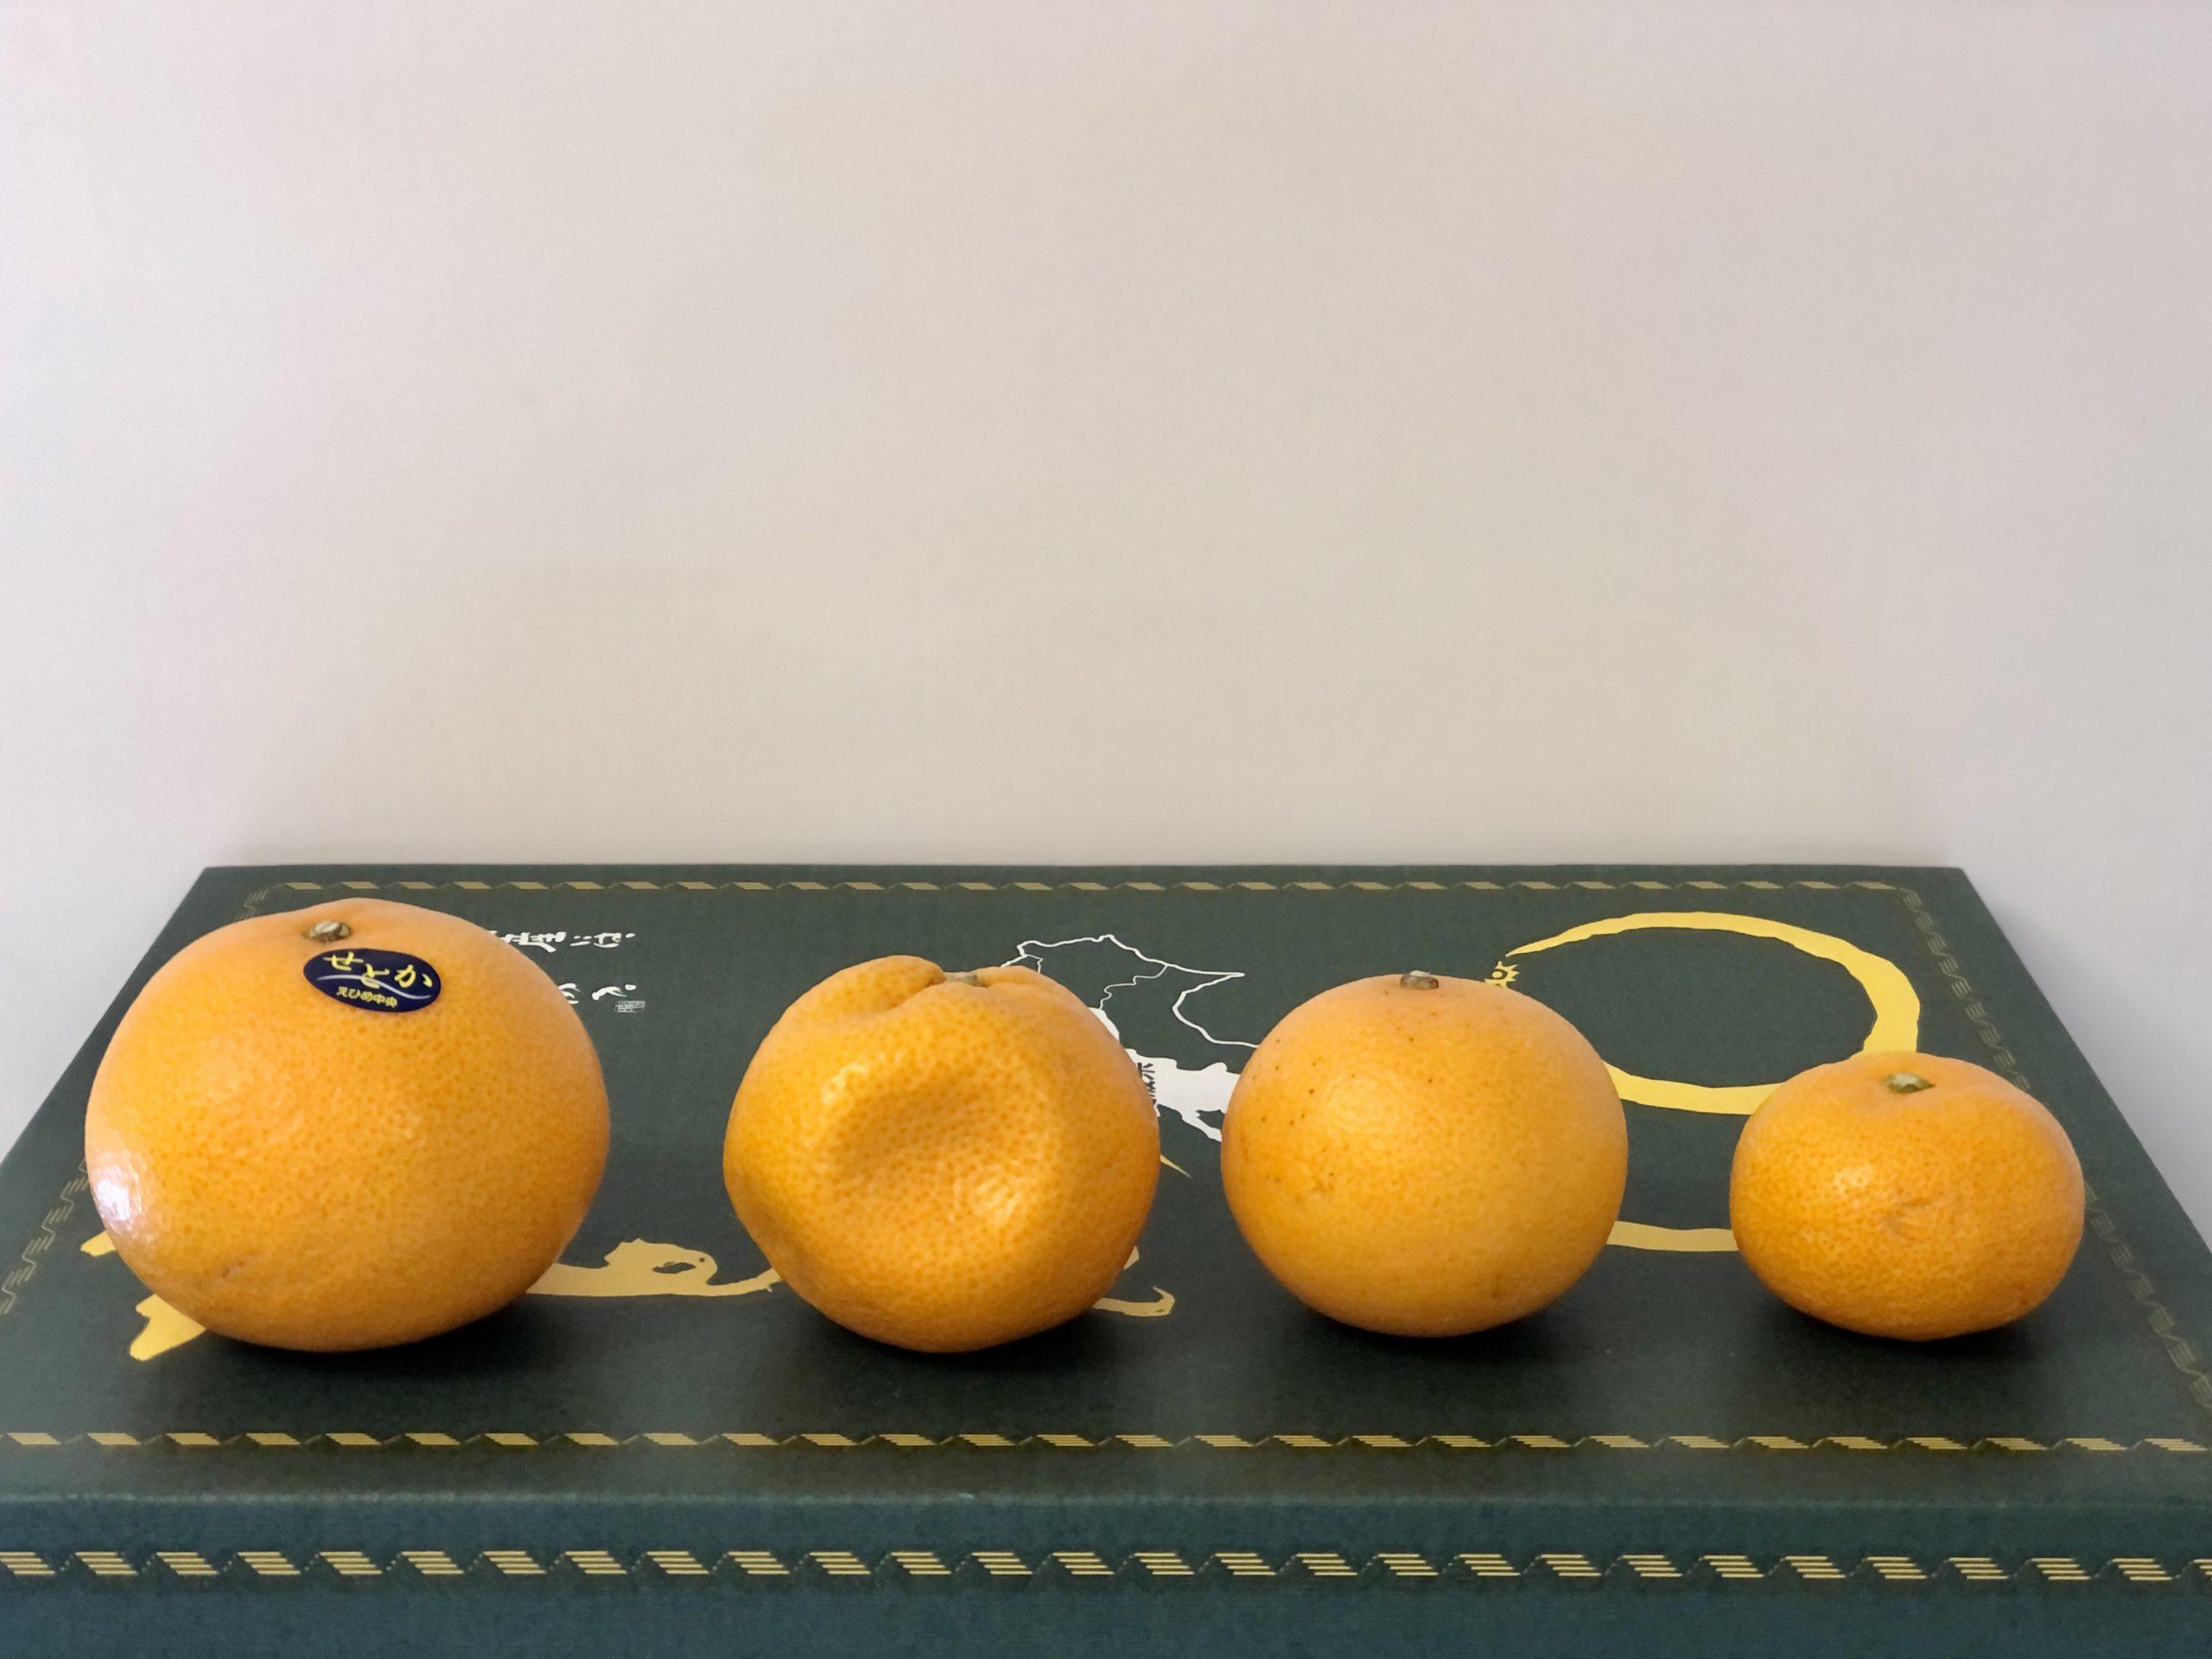 愛媛縣小太郎蜜柑 天草柑 溫州柑 瀨戶香柑橙 日本柑大小比較